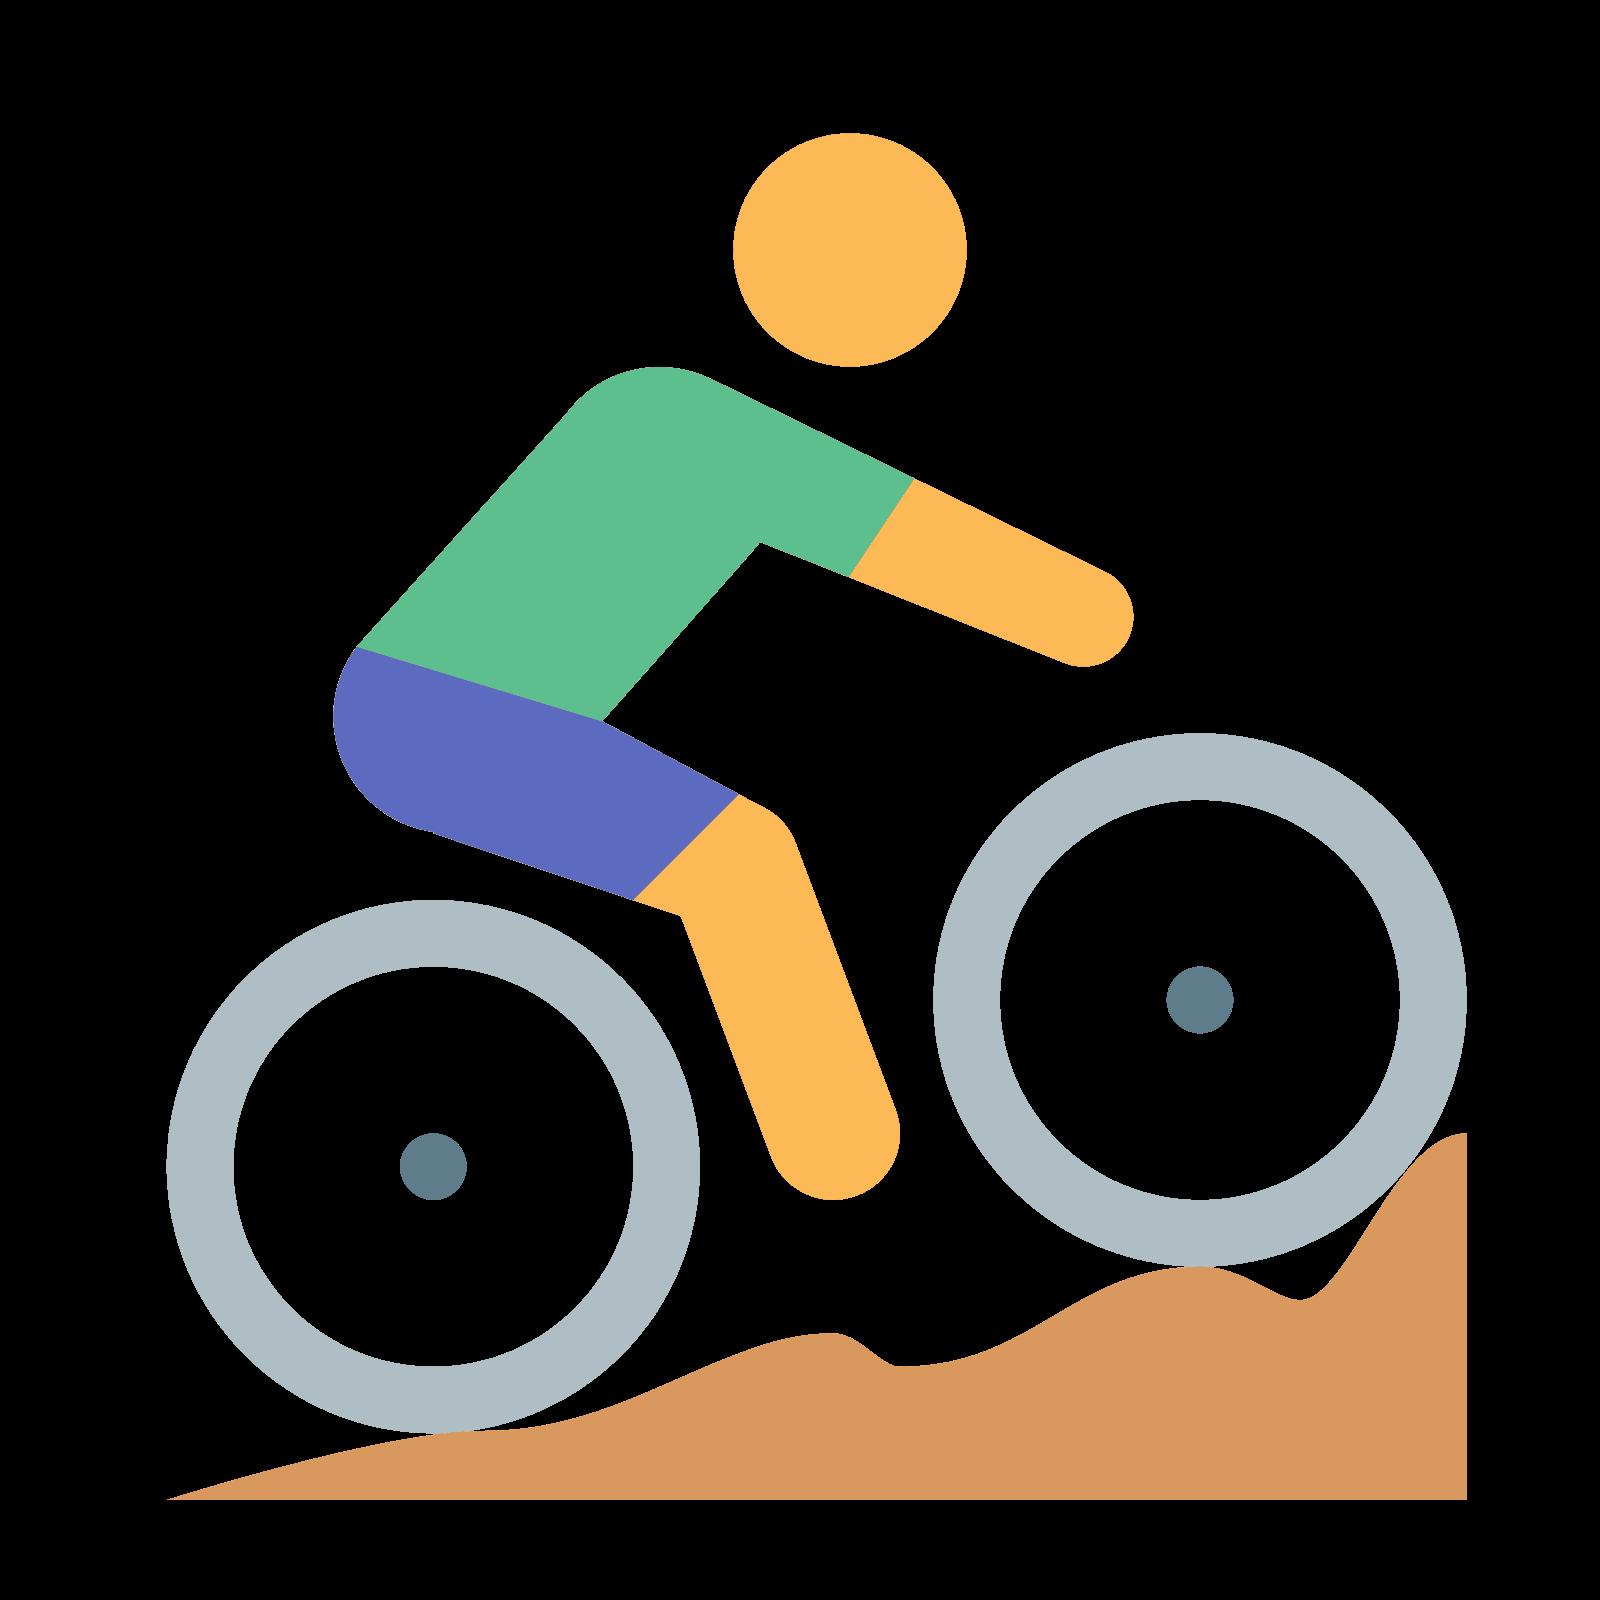 Artículos Deportivos - Bicicletas